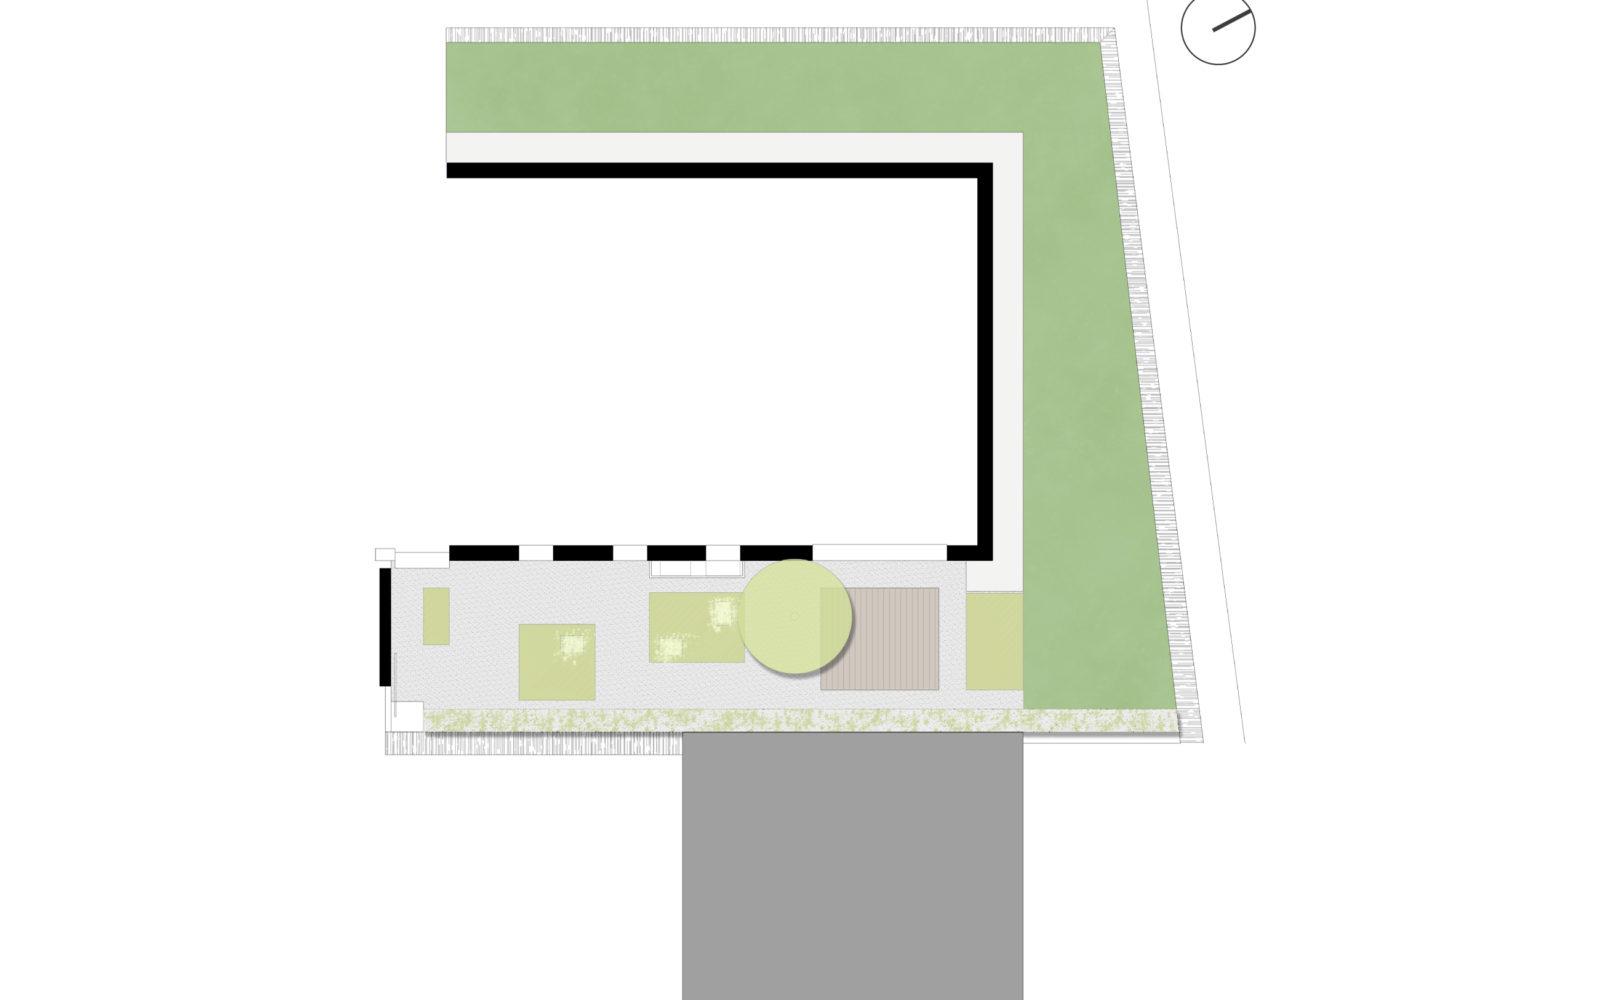 disegno progettuale piccolo giardino privato a Treviso - 1